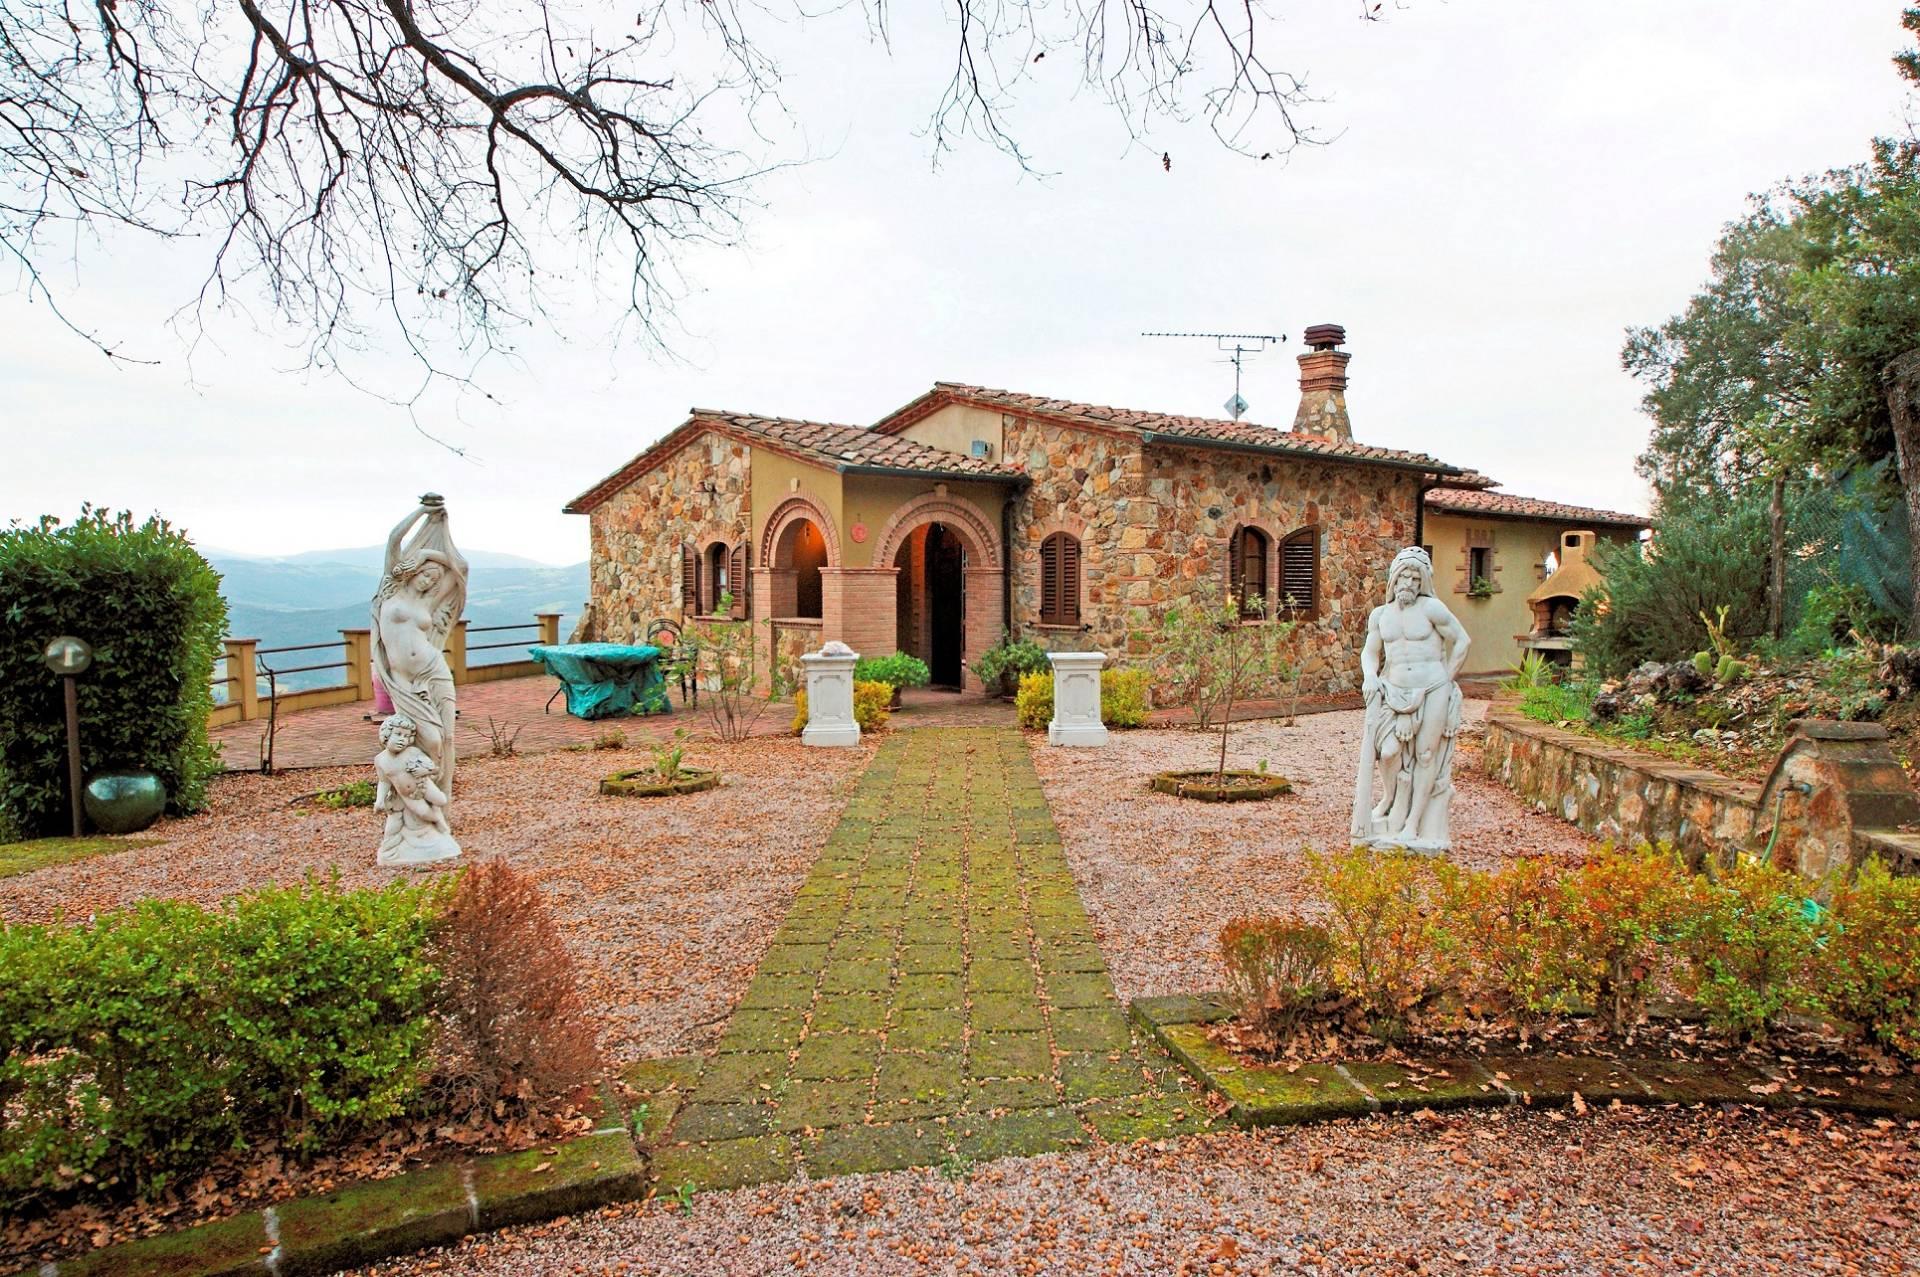 Rustico / Casale in vendita a Montecatini Val di Cecina, 8 locali, prezzo € 460.000 | PortaleAgenzieImmobiliari.it